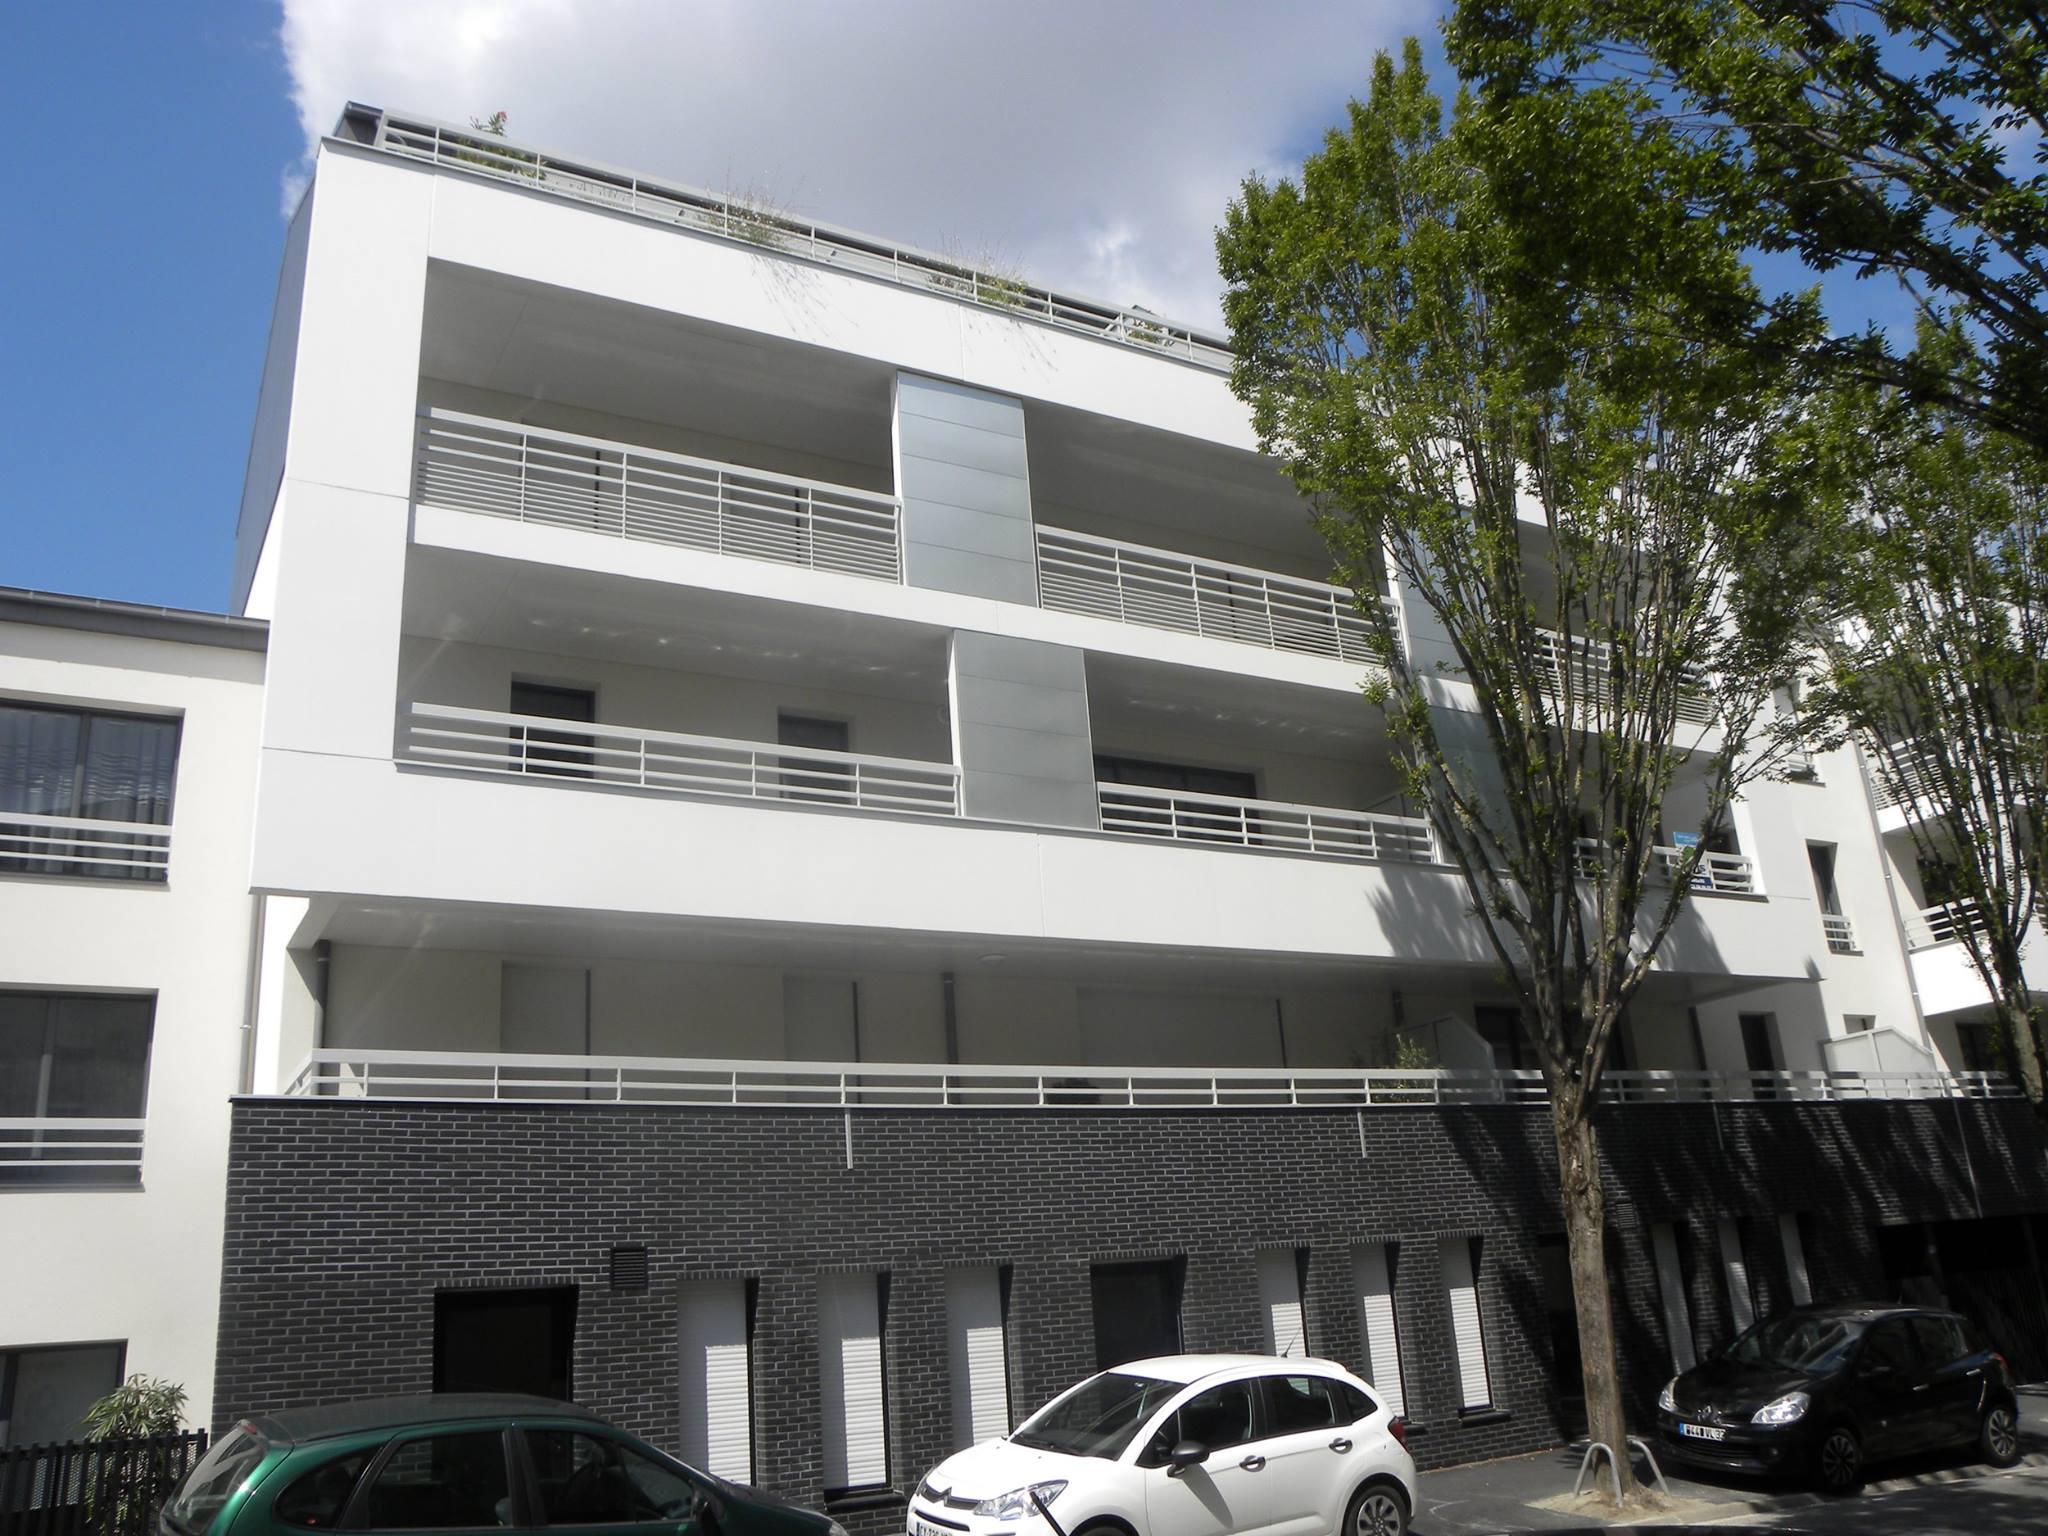 panneaux de façade TRESPA et cassettes en aluminium anodisé